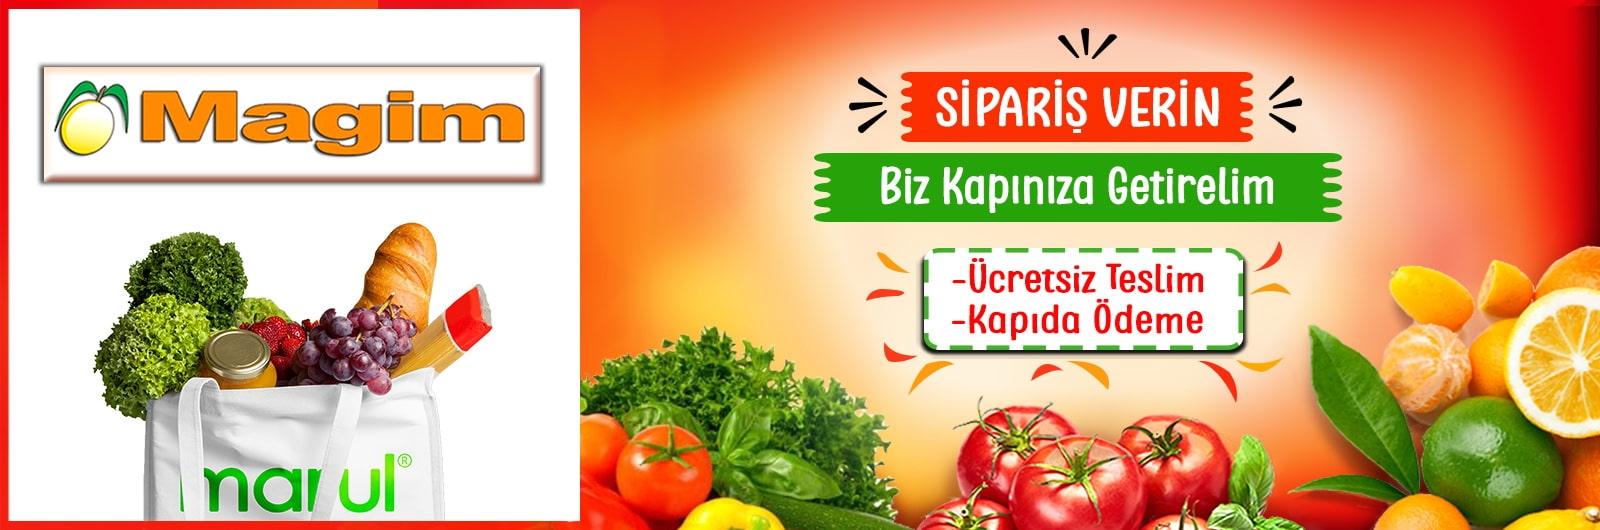 Malatya Magim sanal market